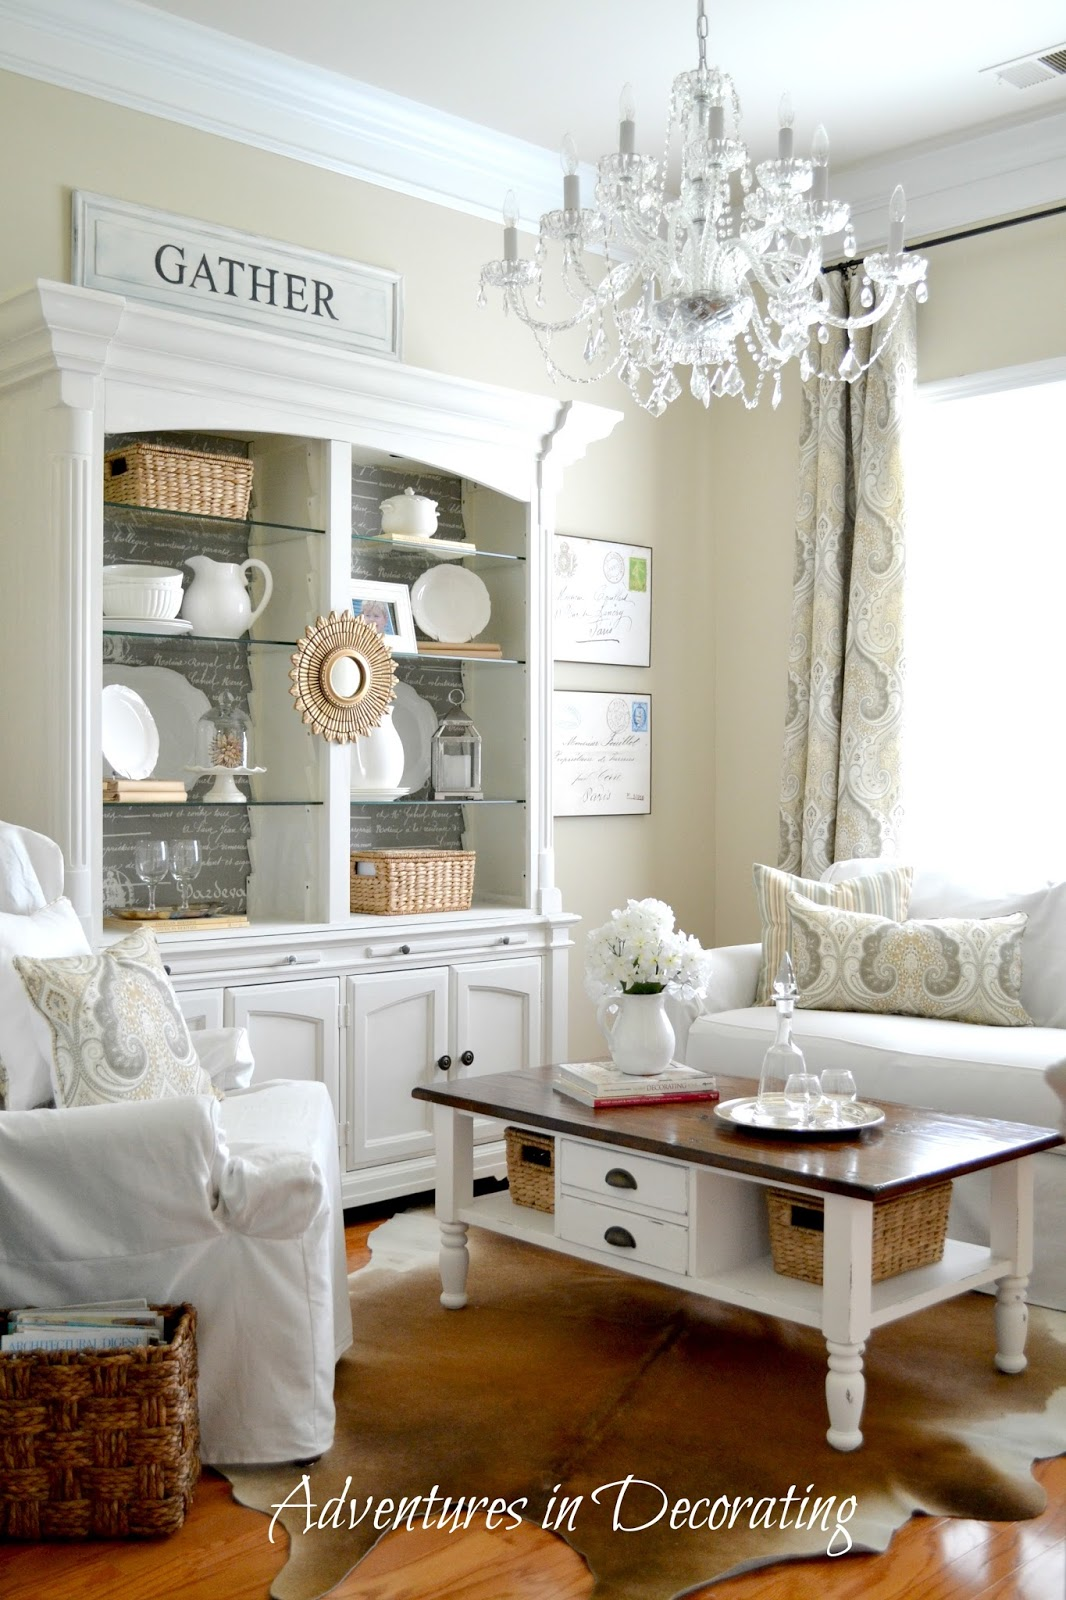 Repurposed Home Decorating Ideas & Home Decor Repurposed ...